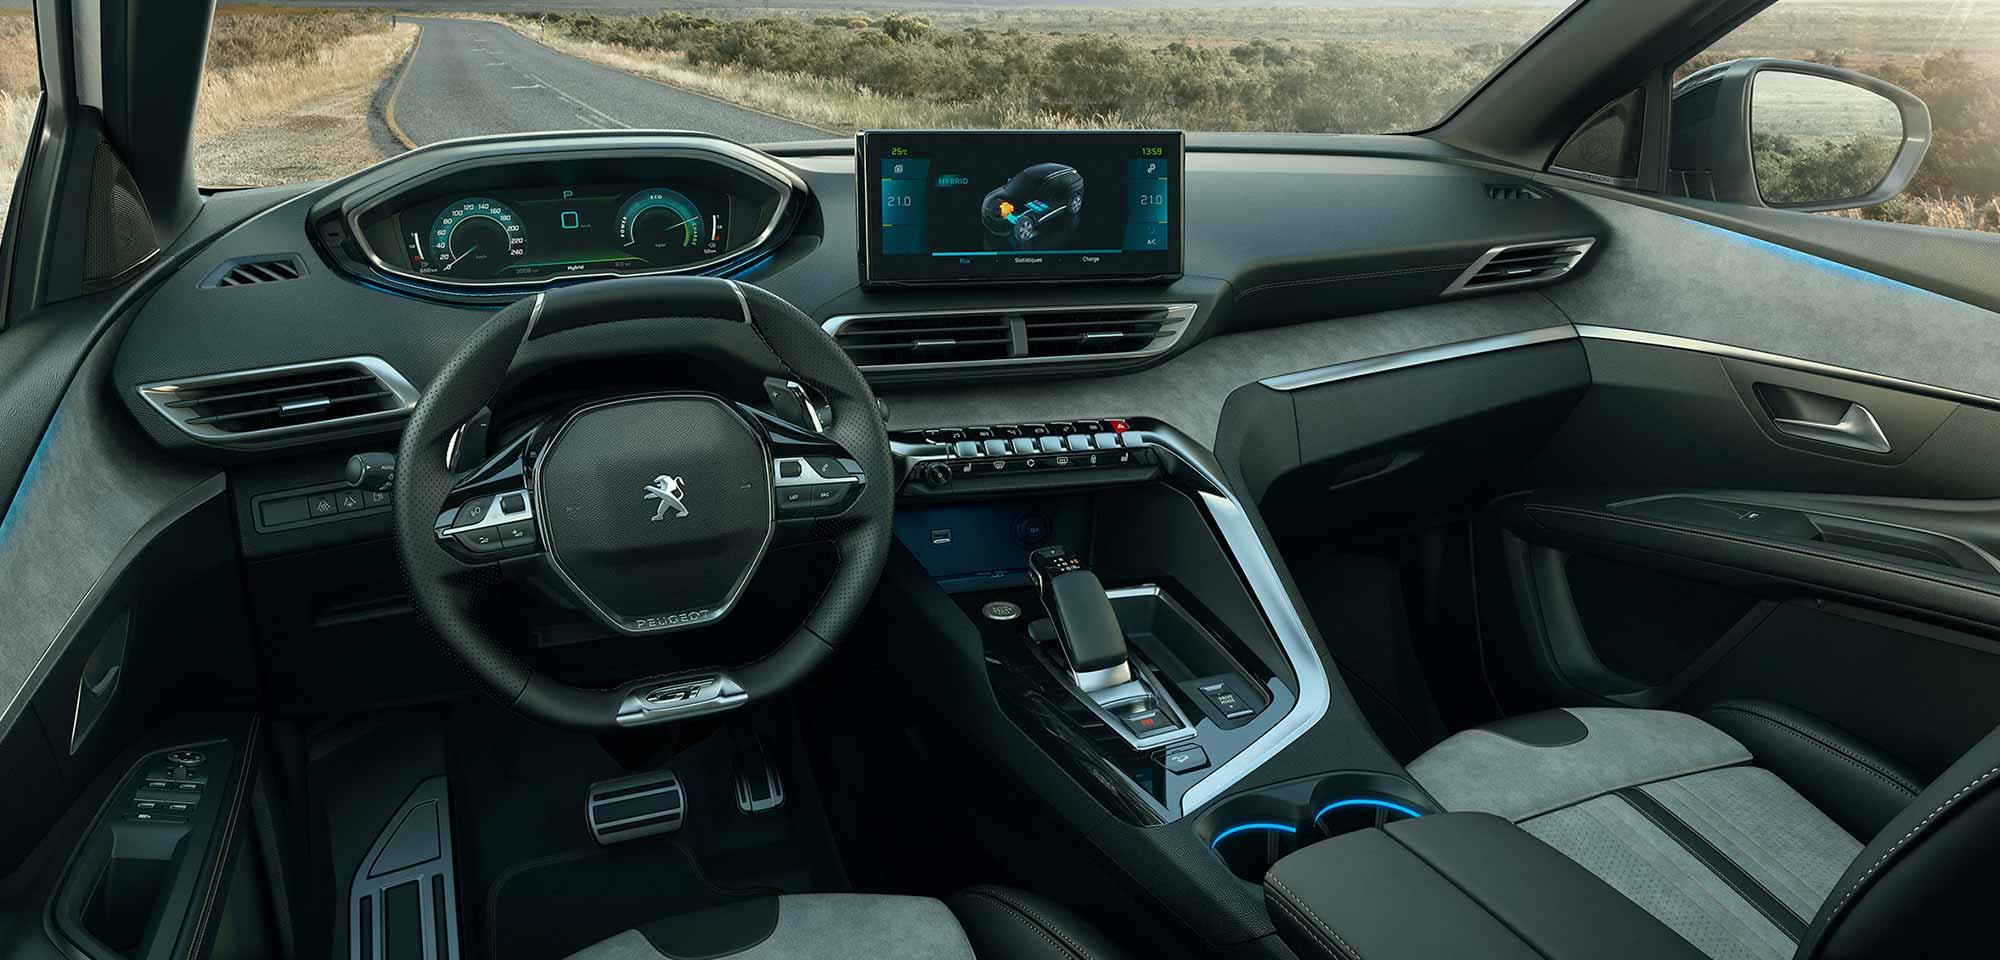 Peugeot 3008 SUV cockpit